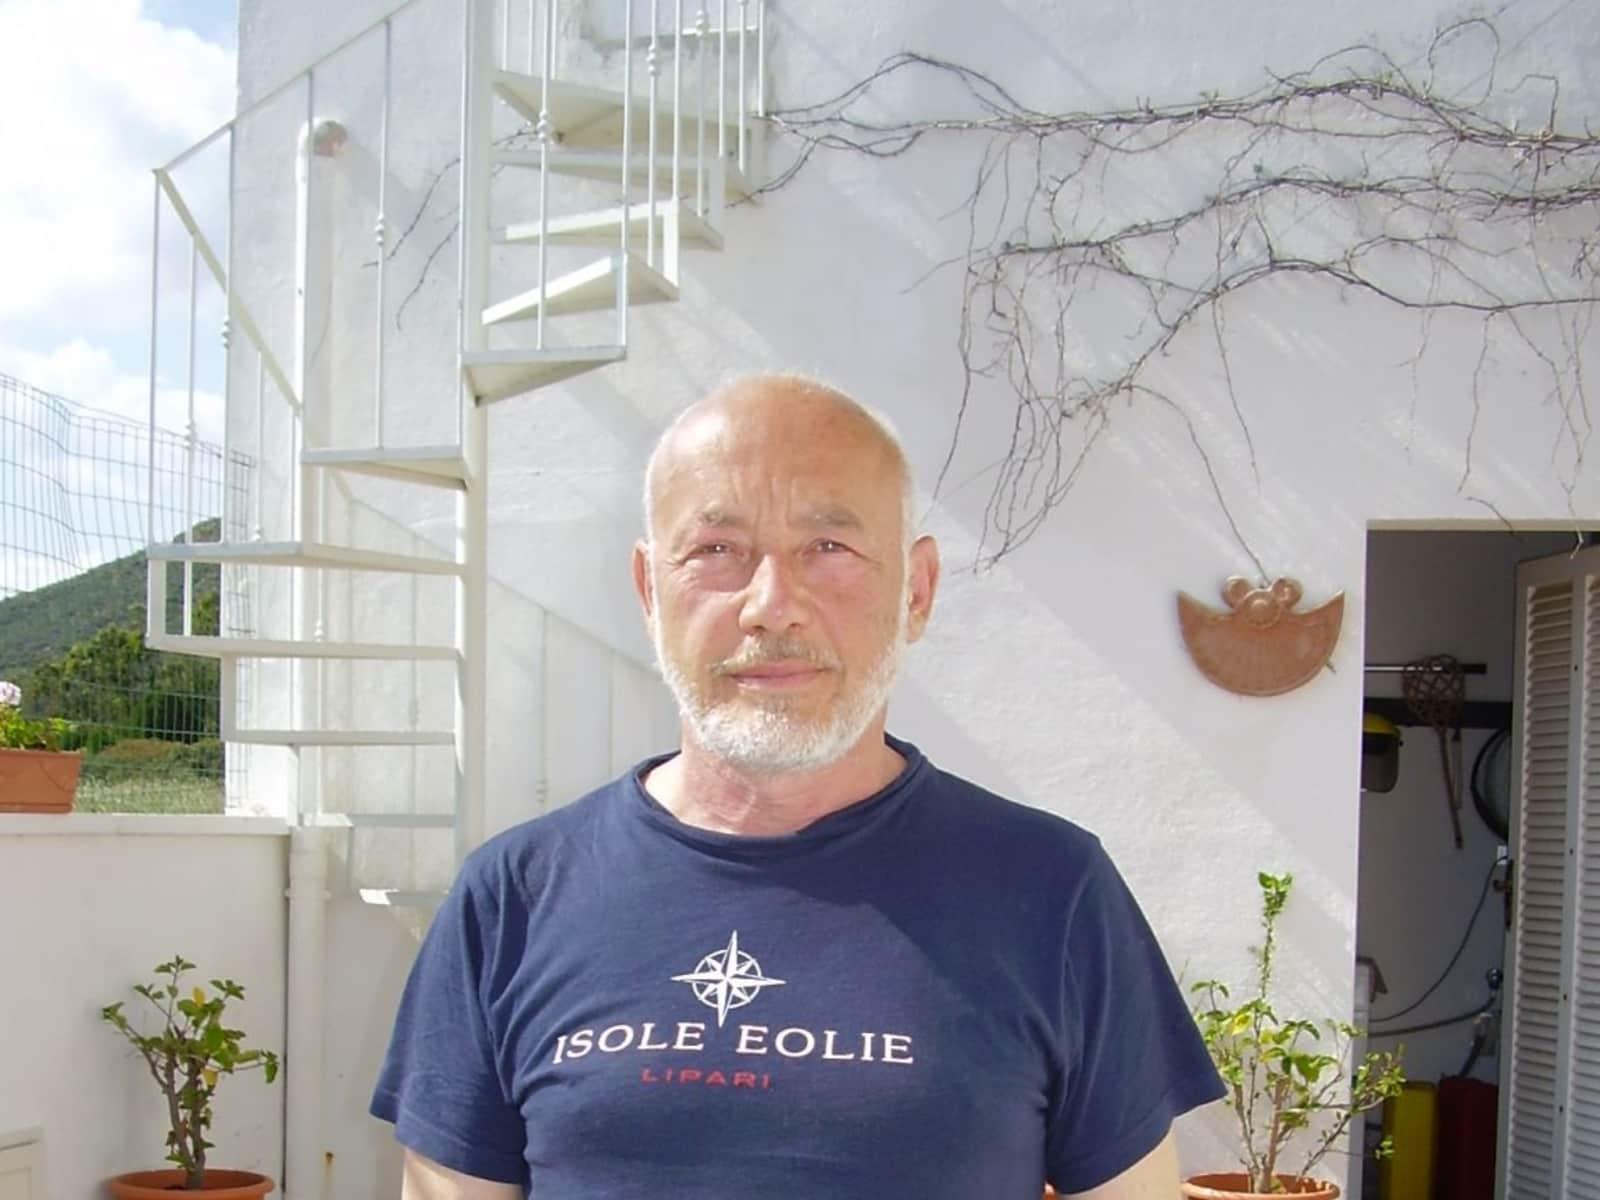 Pietro from Catania, Italy